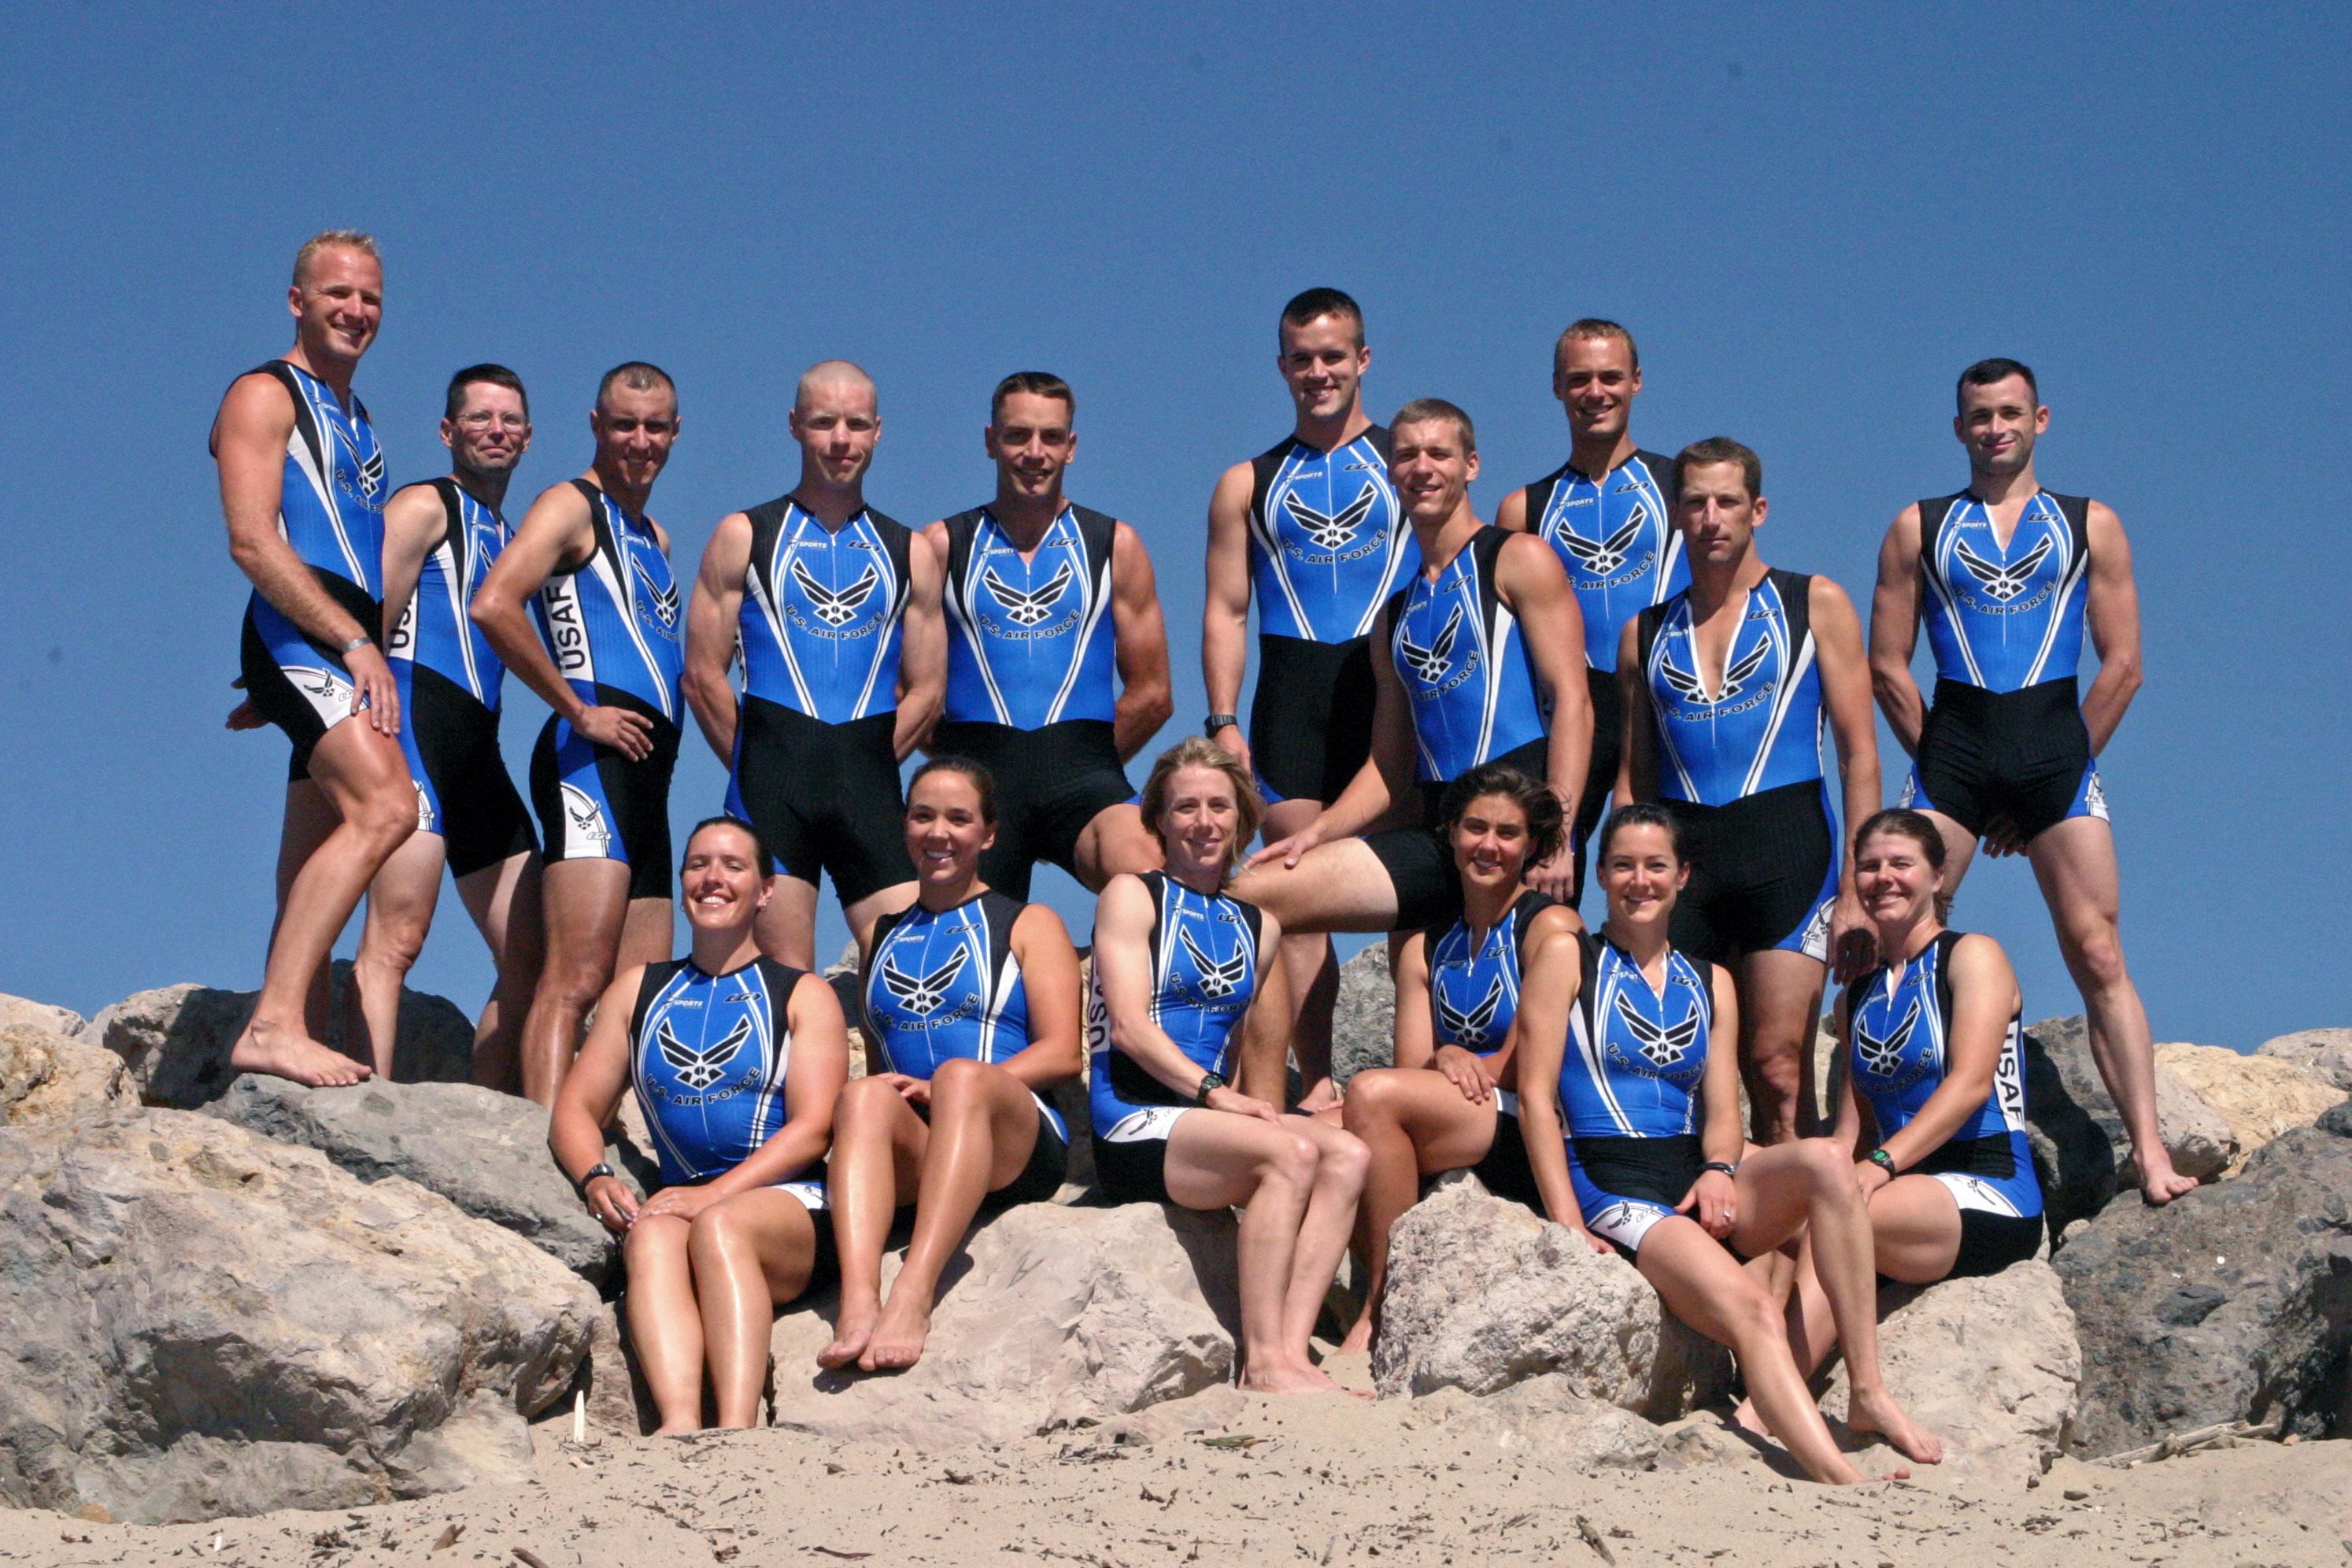 US Air Force Triathlon Team 2007